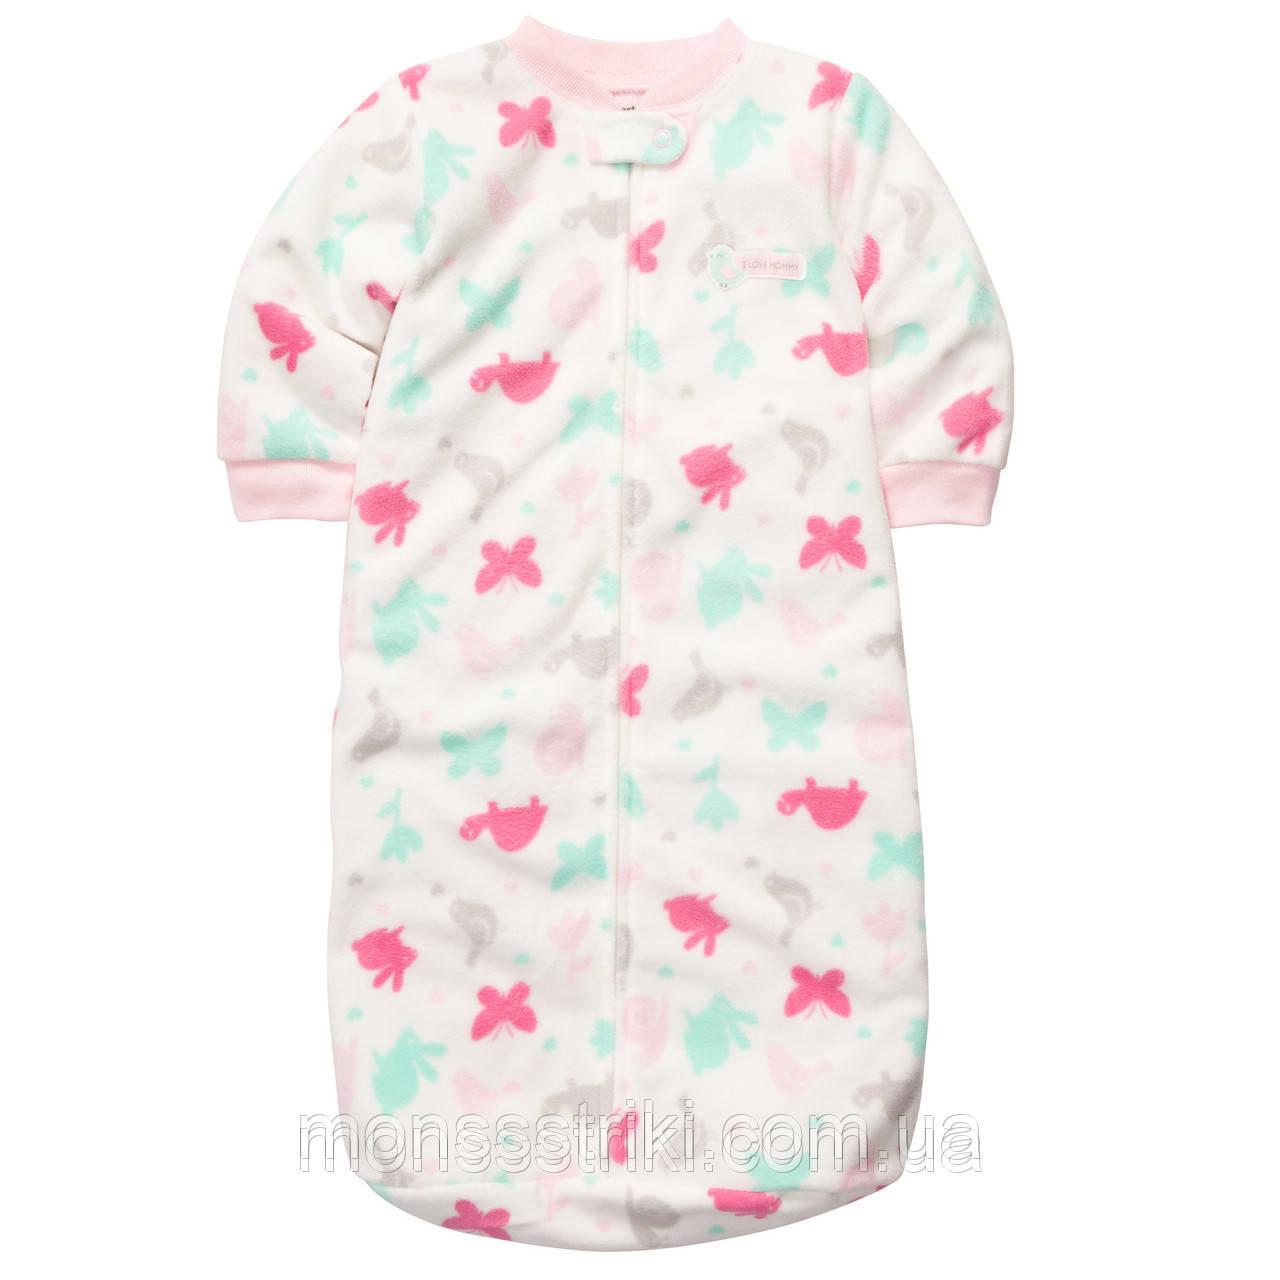 Брендовая Одежда Для Новорожденных Доставка